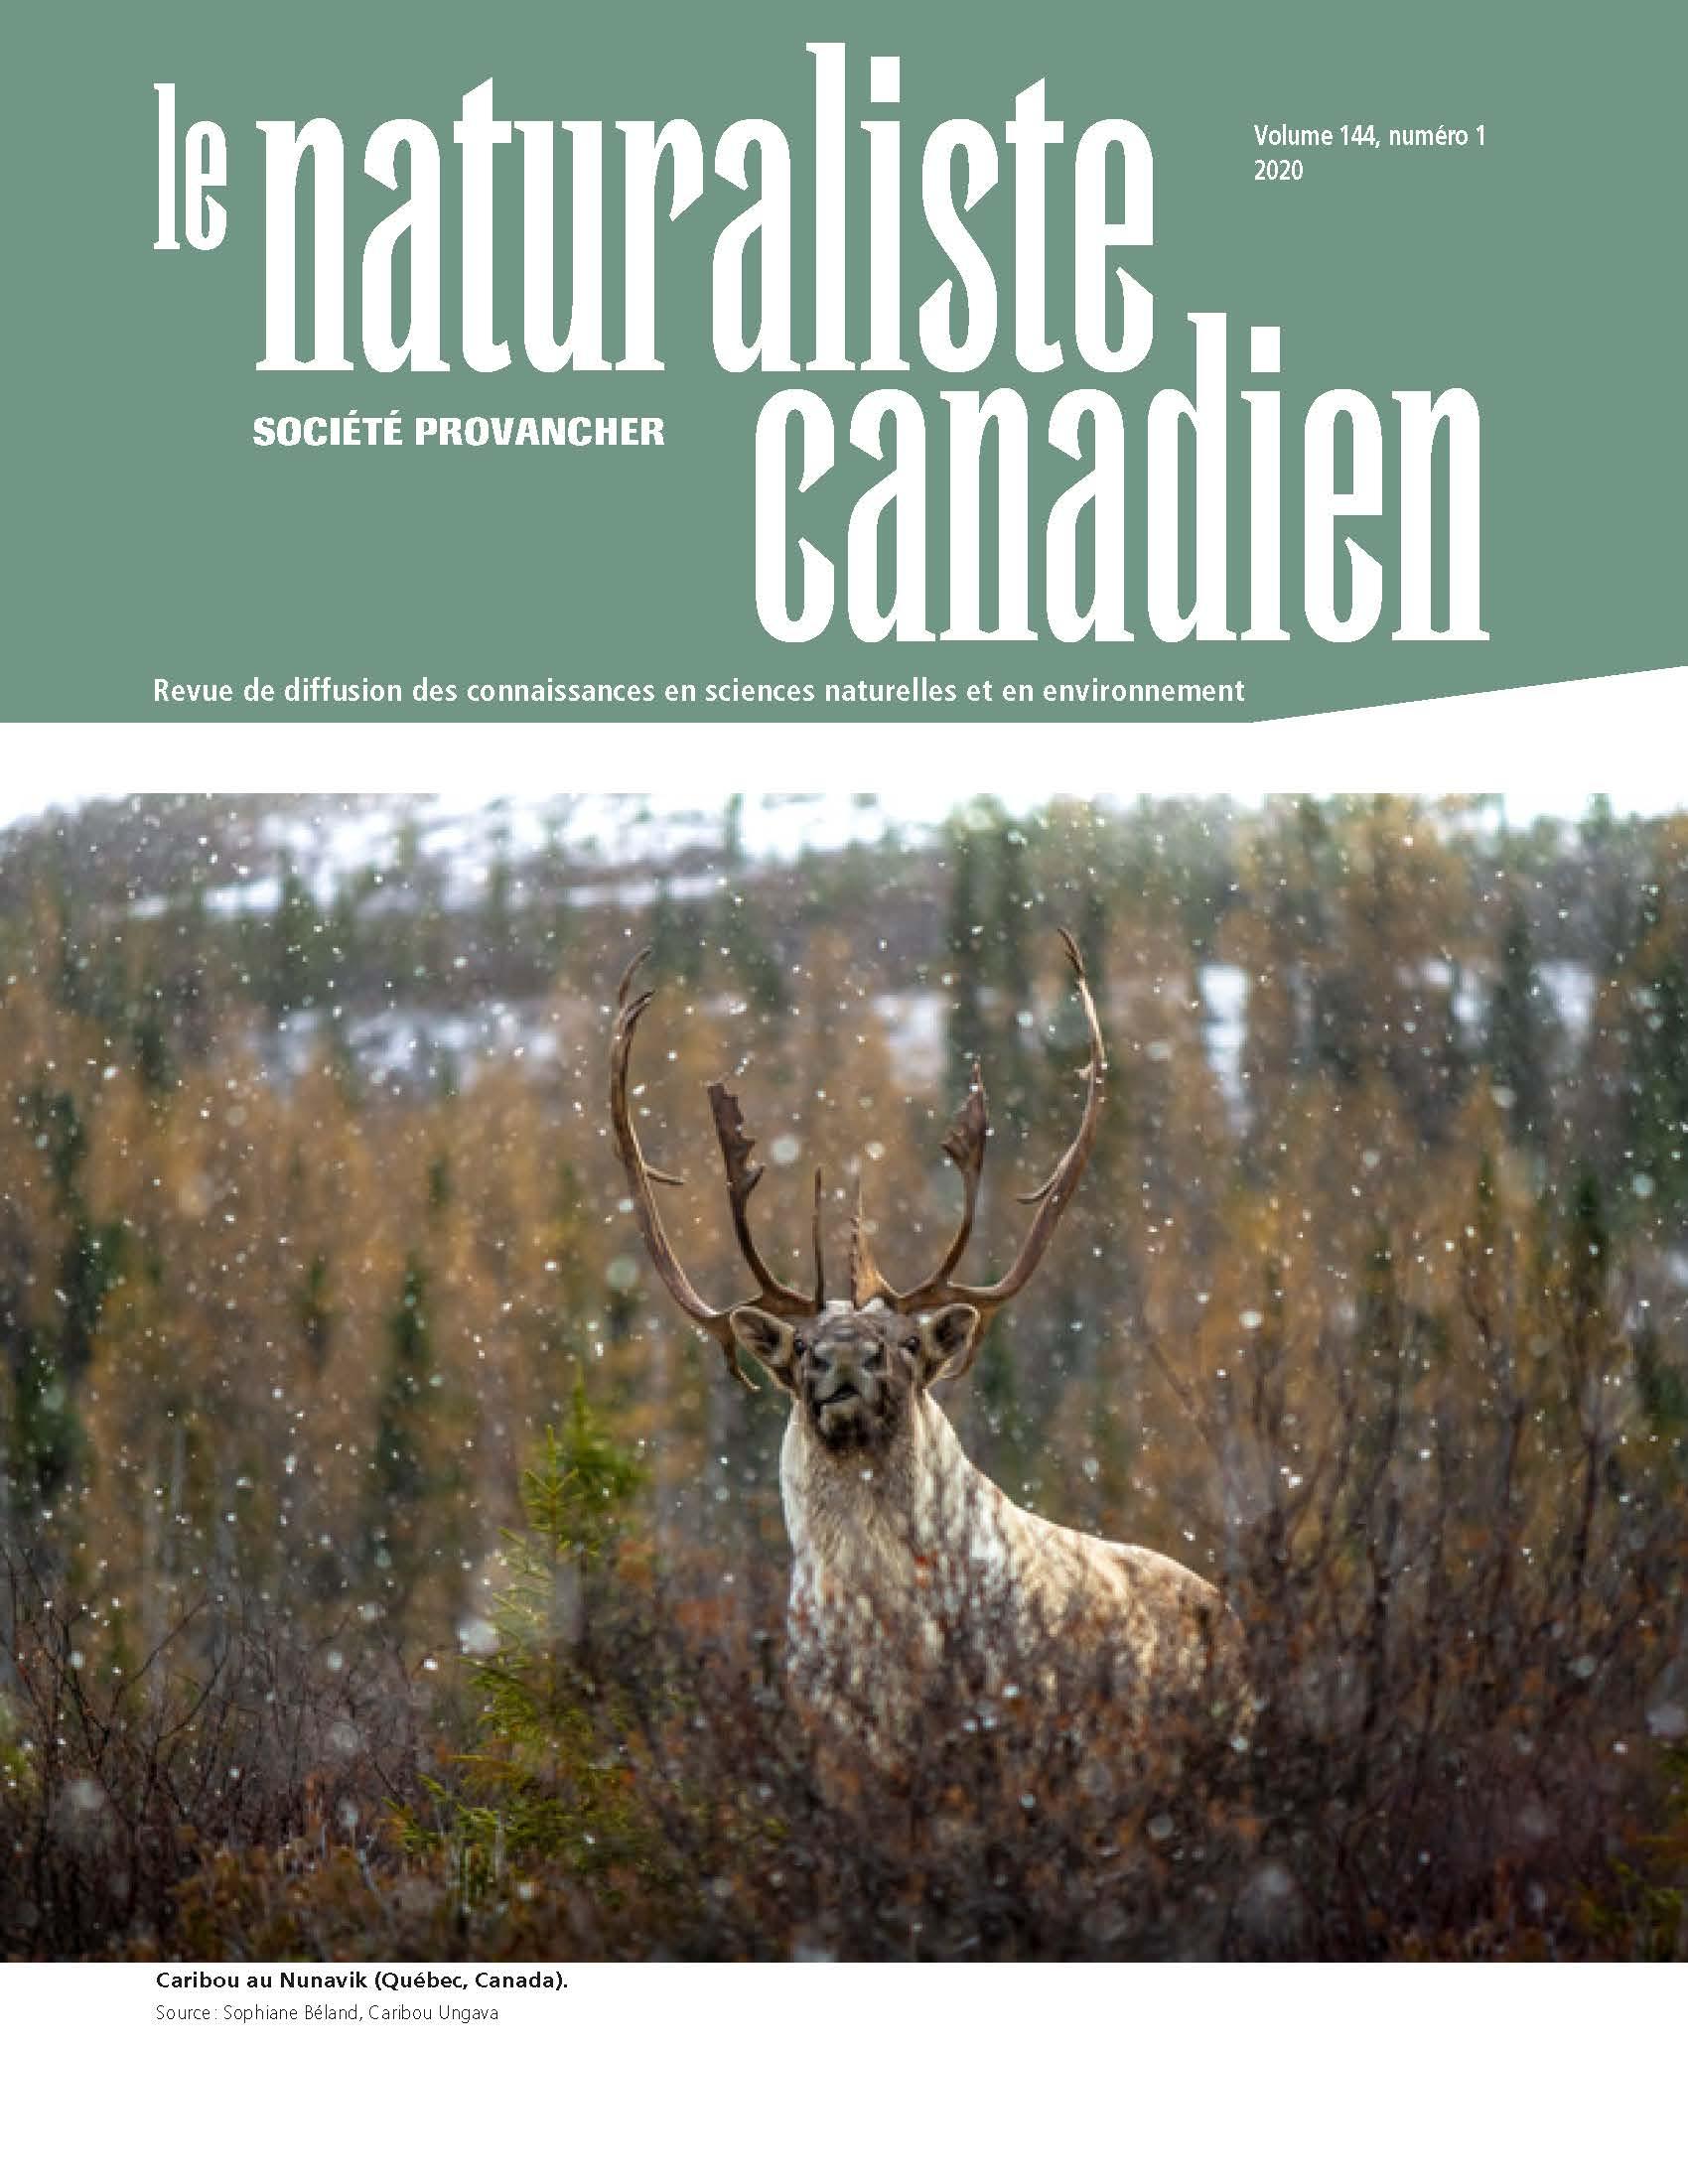 Naturaliste Canadien 145 (1) P2 2020